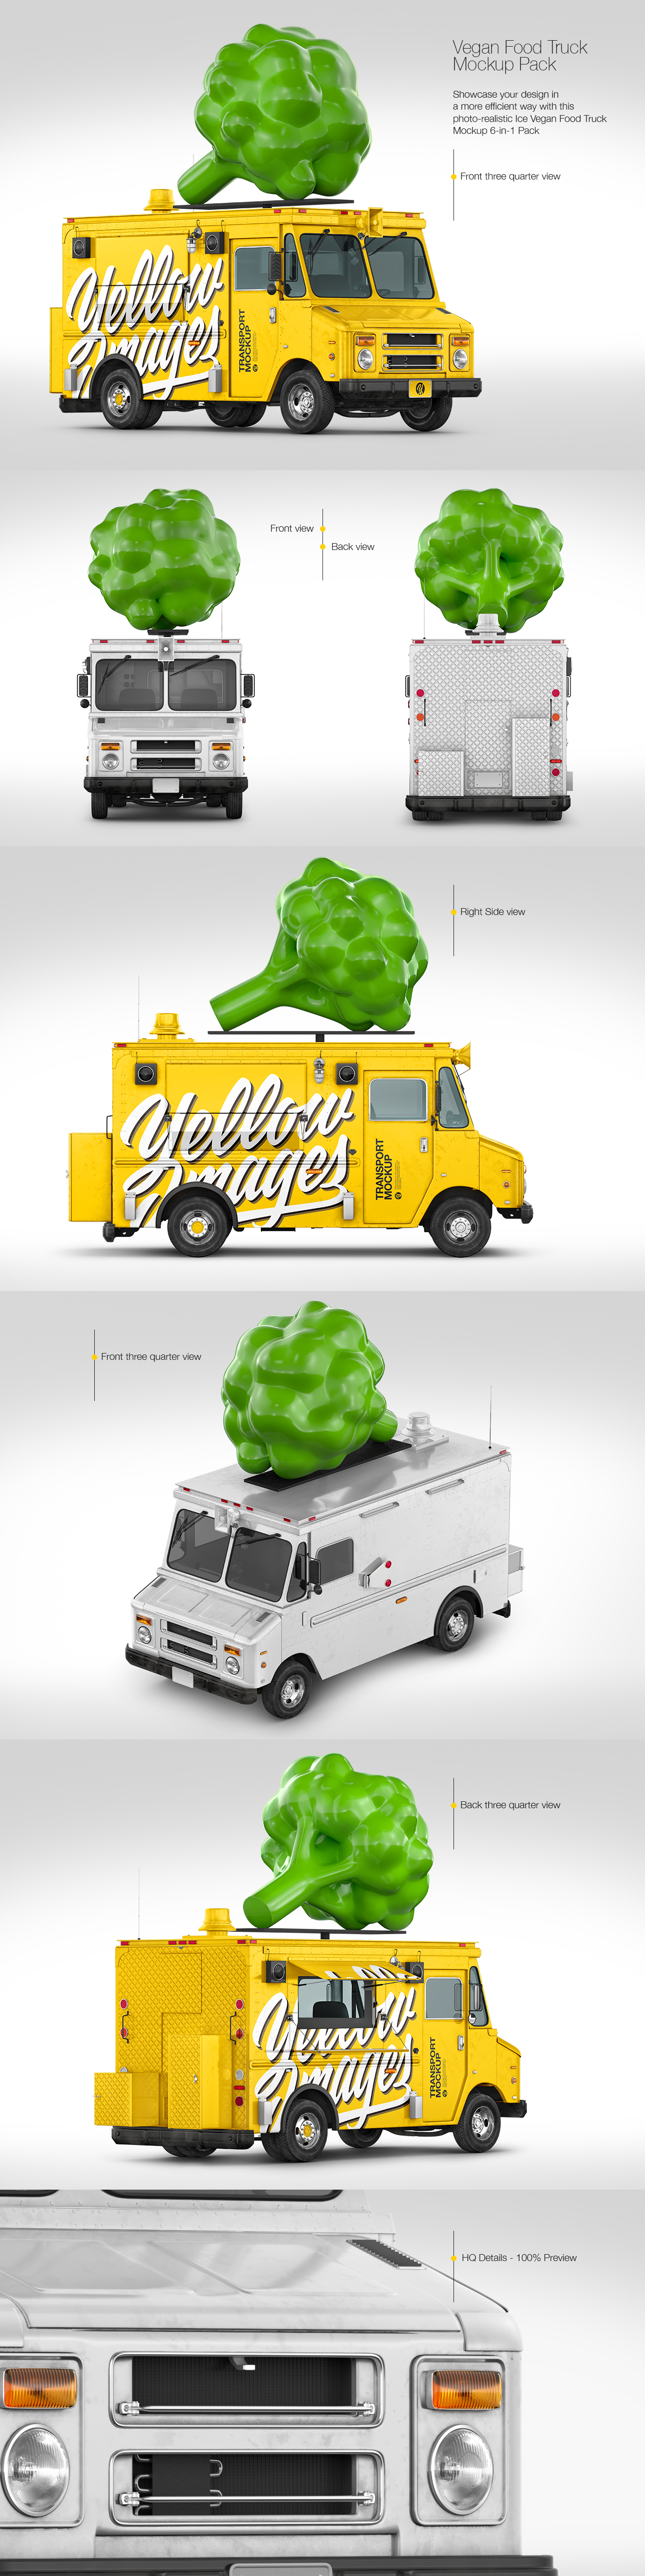 Vegan Food Truck Mockup Pack